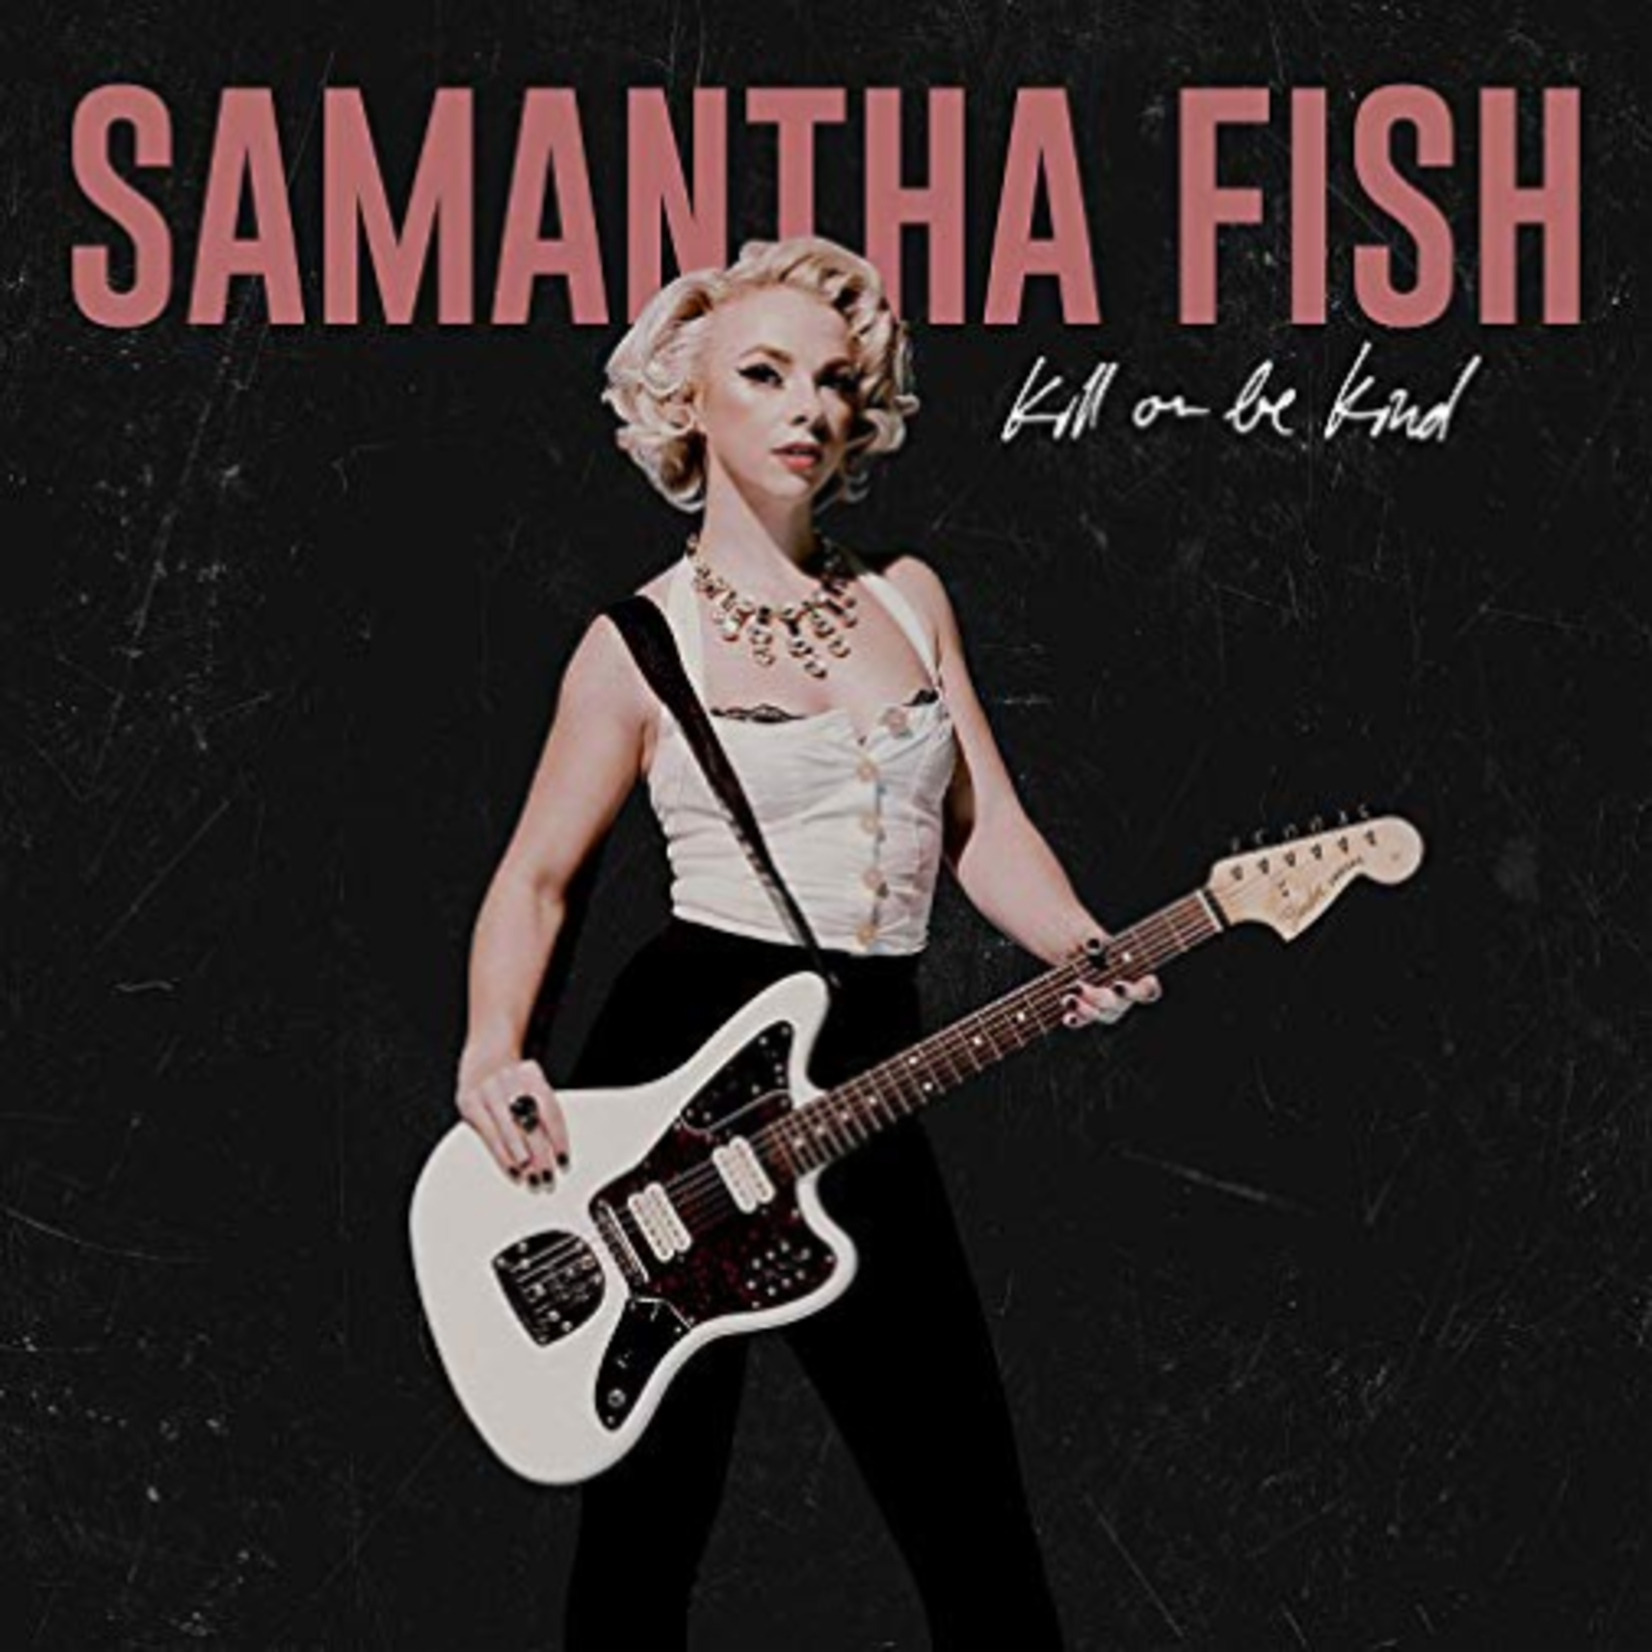 SAMANTHA FISH KILL OR BE KIND (LP)